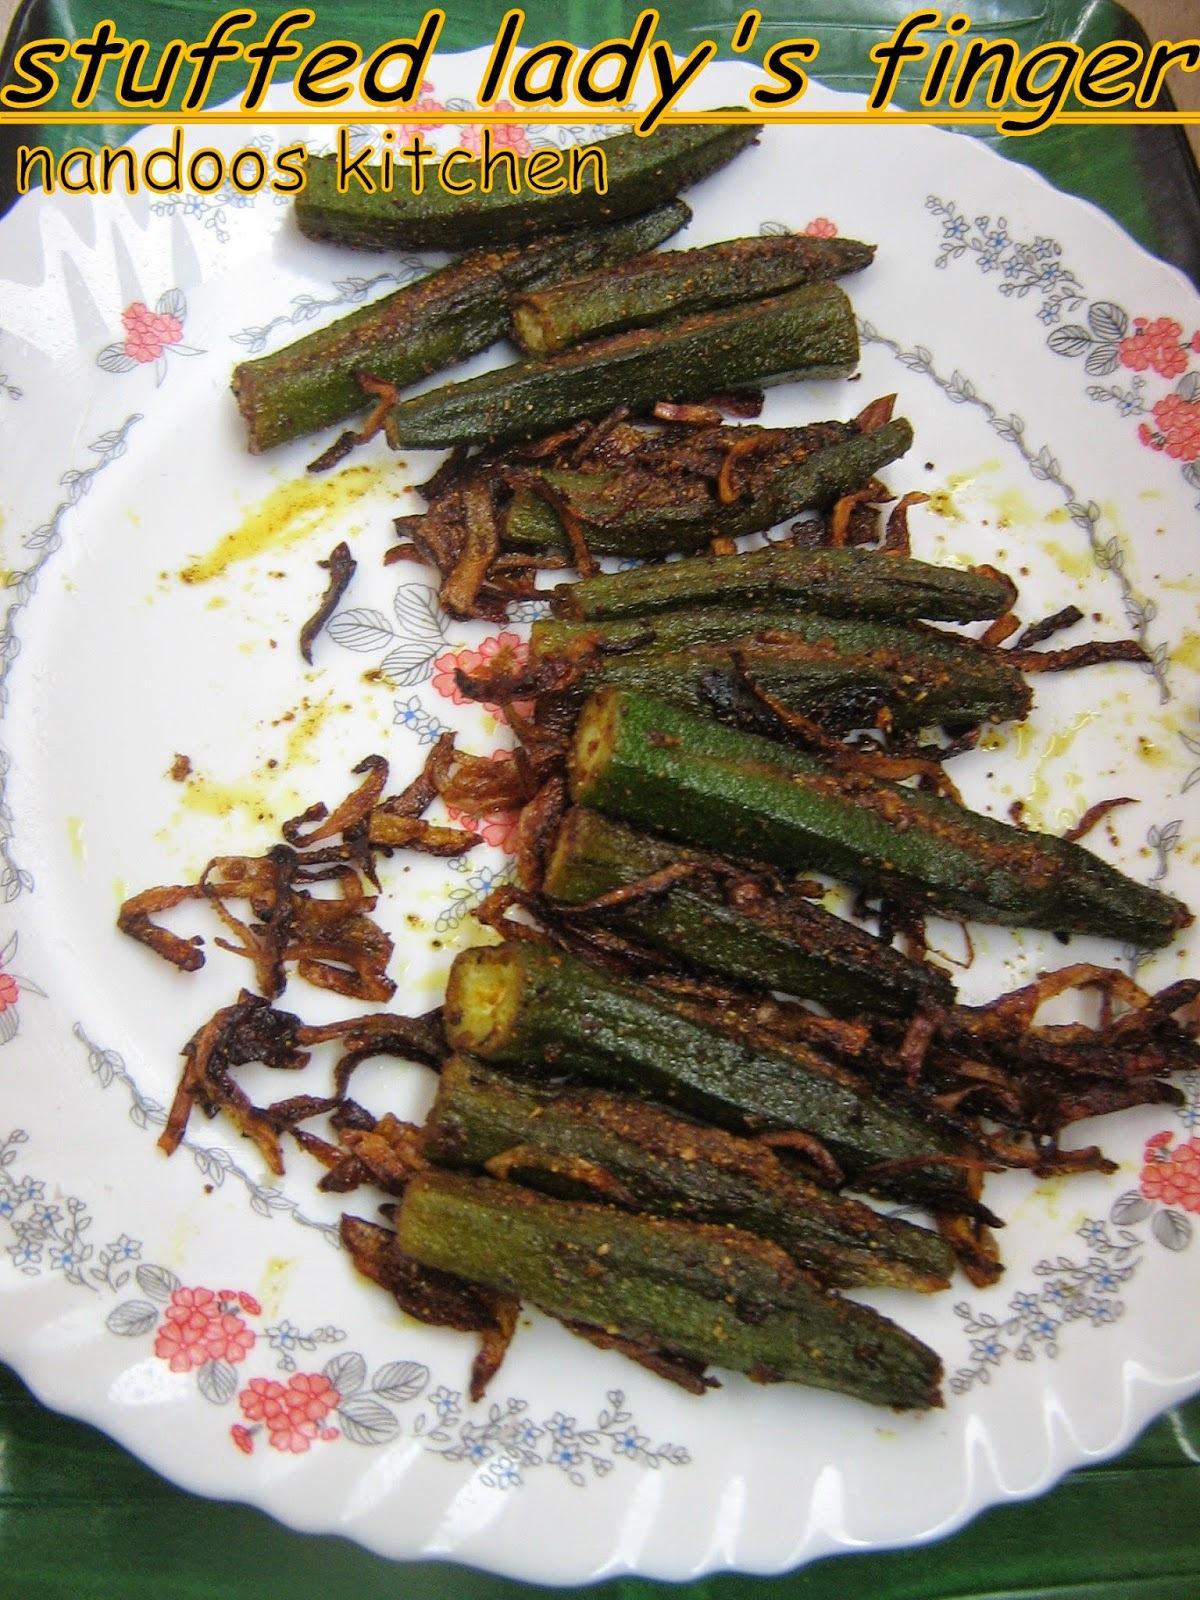 stuffed lady's finger / bharwan bhindi / vendakka masala nirachathu